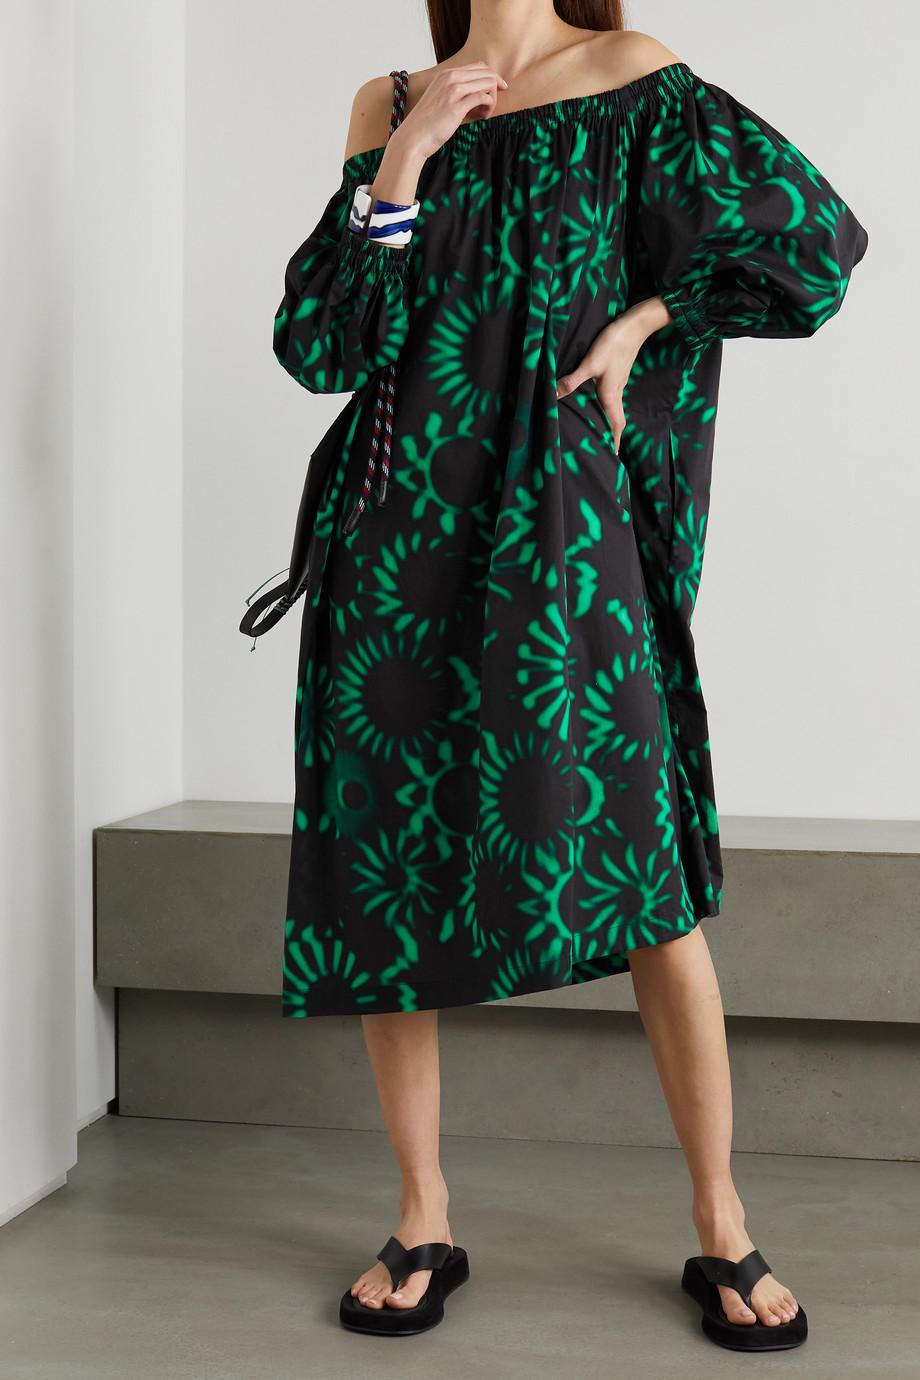 Dries Van Noten Duralas oversized printed off-the-shoulder cotton-poplin dress